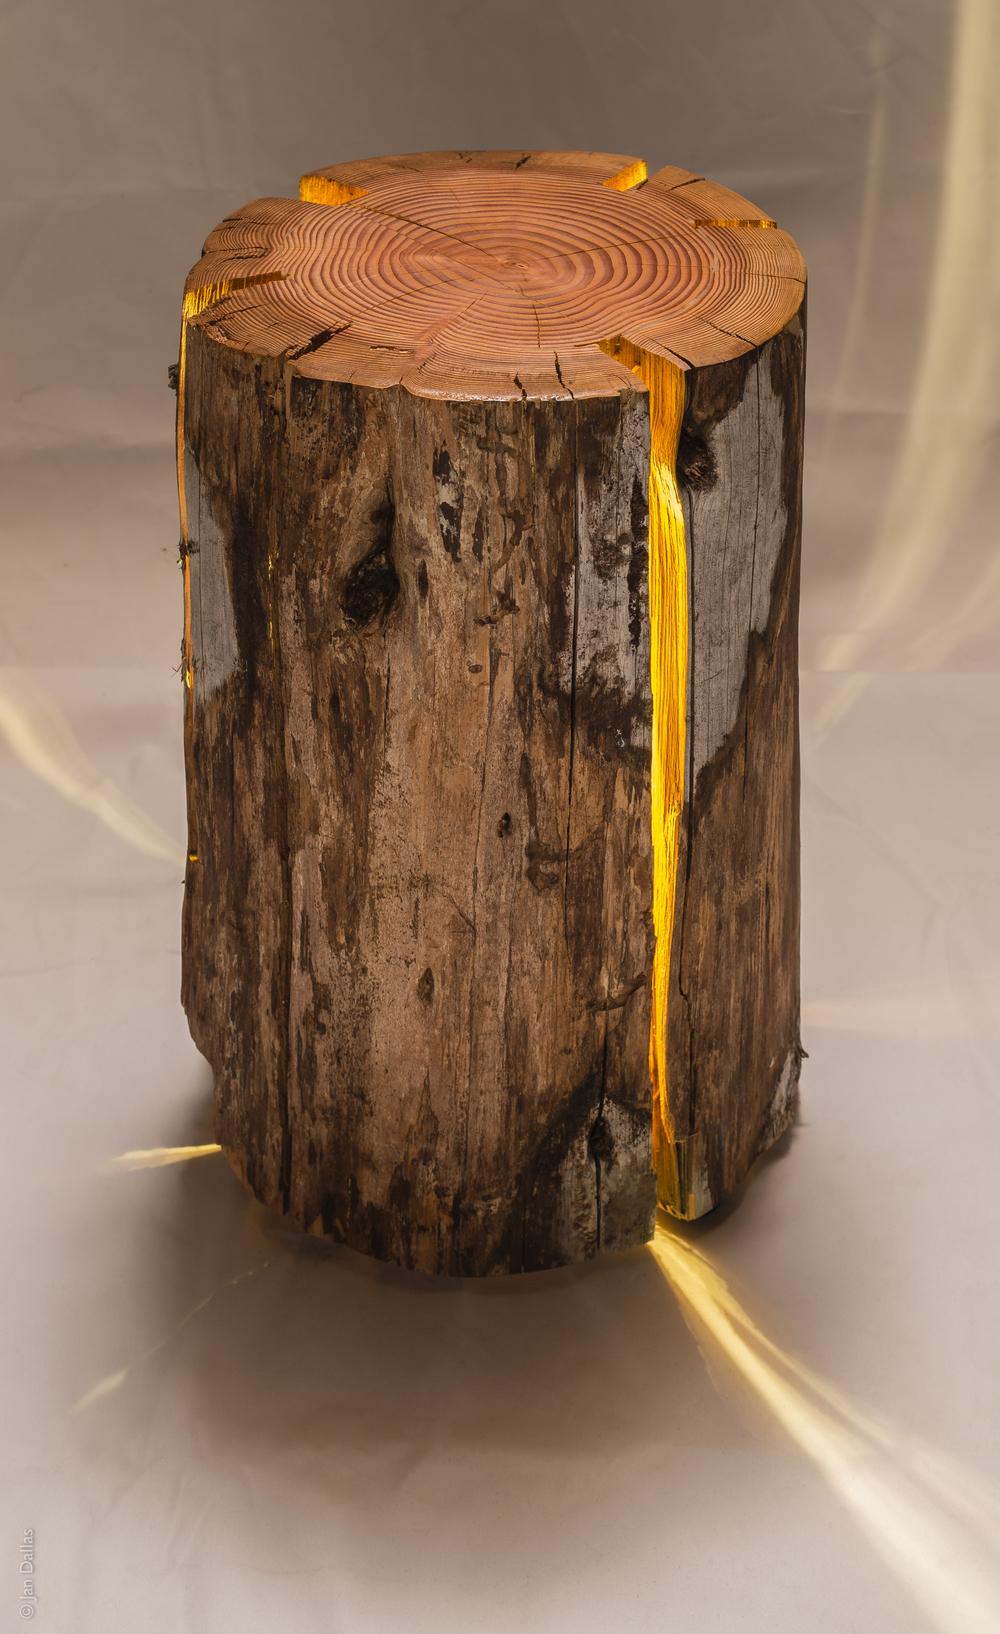 Artesanato Luminaria Madeira ~ Reciclagem de troncos de madeira rachados como luminárias u2013 Matéria Incógnita